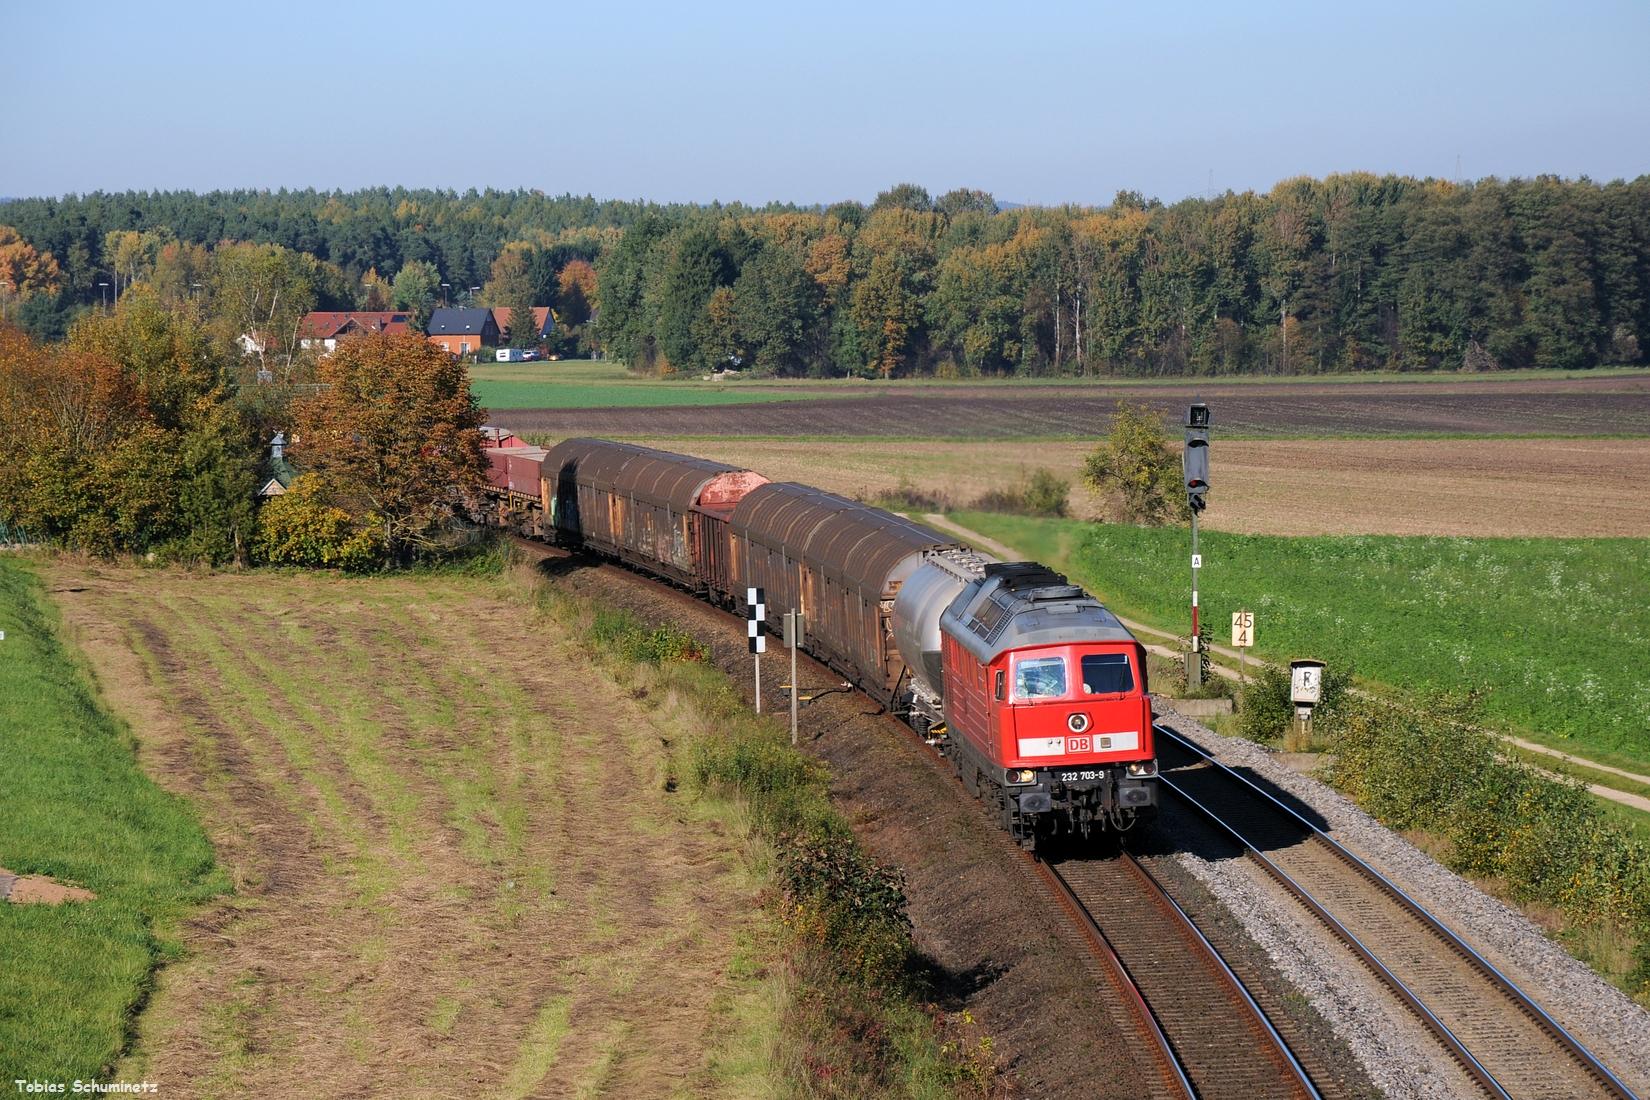 Als weitere Dreingabe kam noch 232 703 mit dem EK56006 von Nürnberg nach Schwandorf durch.